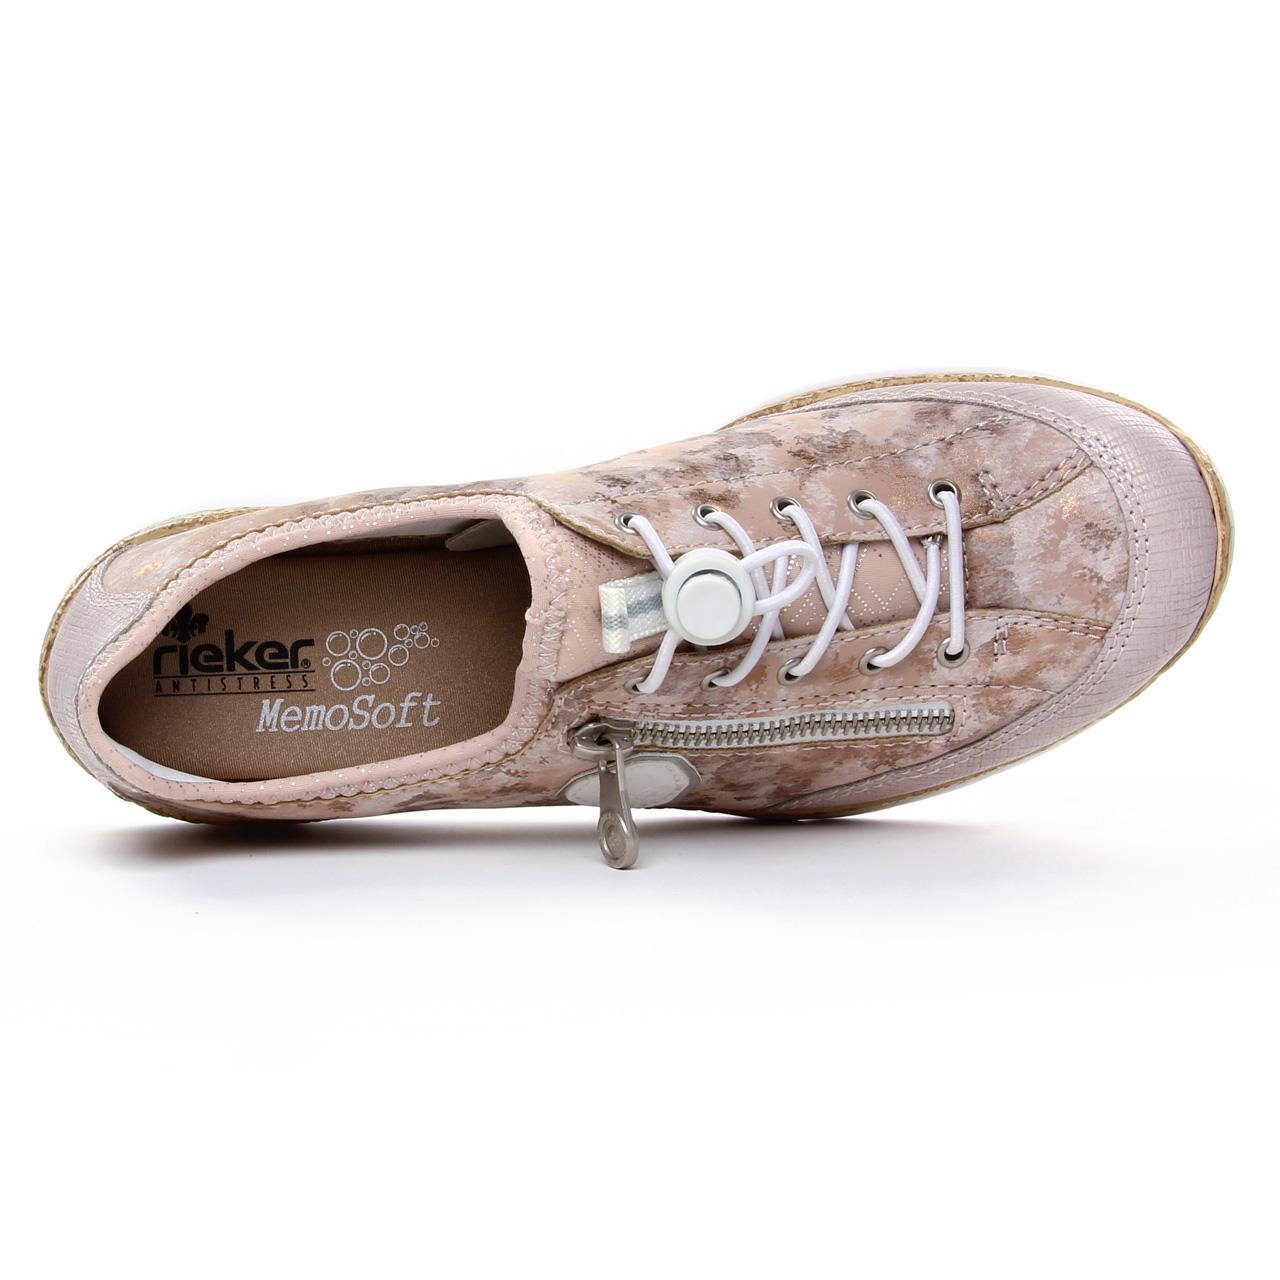 Rieker 53725-32 femme à lacets mode baskets décontractées chaussures rose rose